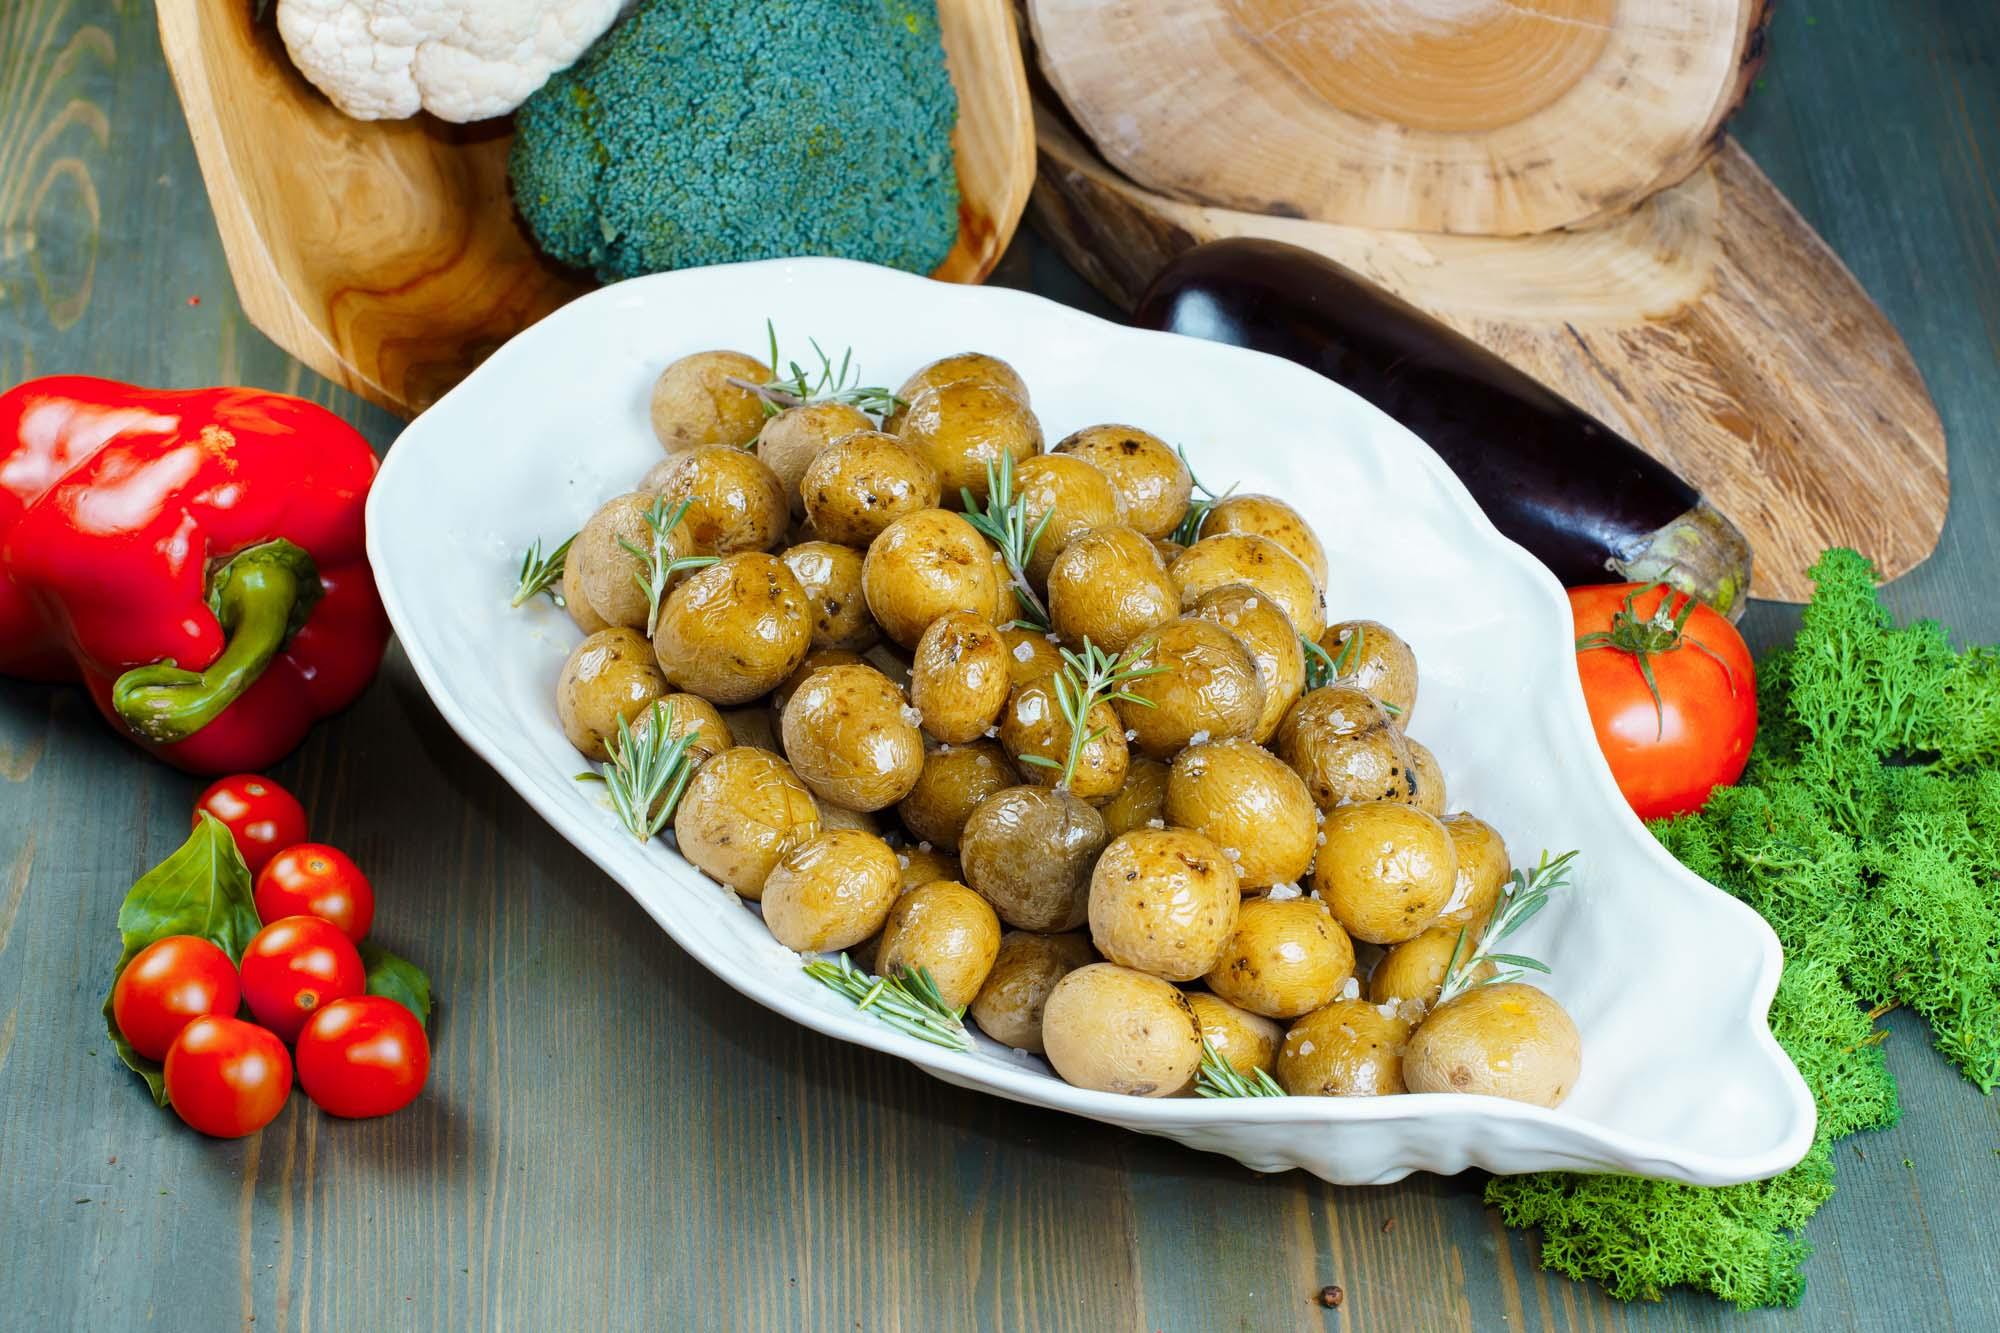 Картофель Ратте 1800 гр (12 порций по 150 гр)